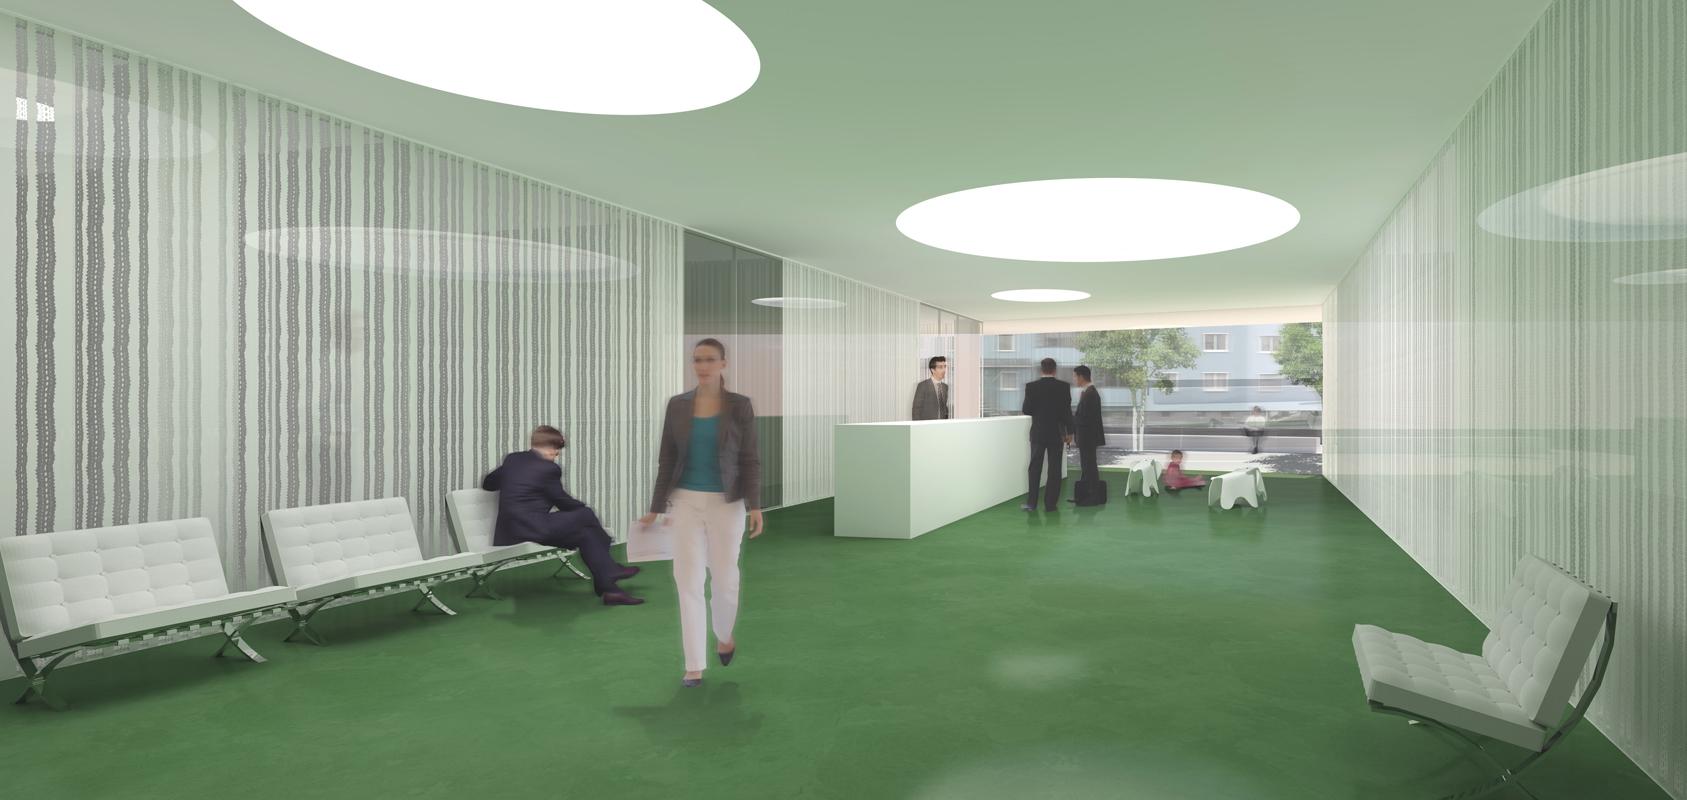 rénovation de la banque raiffeisen de martigny - 2012 - cheseauxrey sàrl